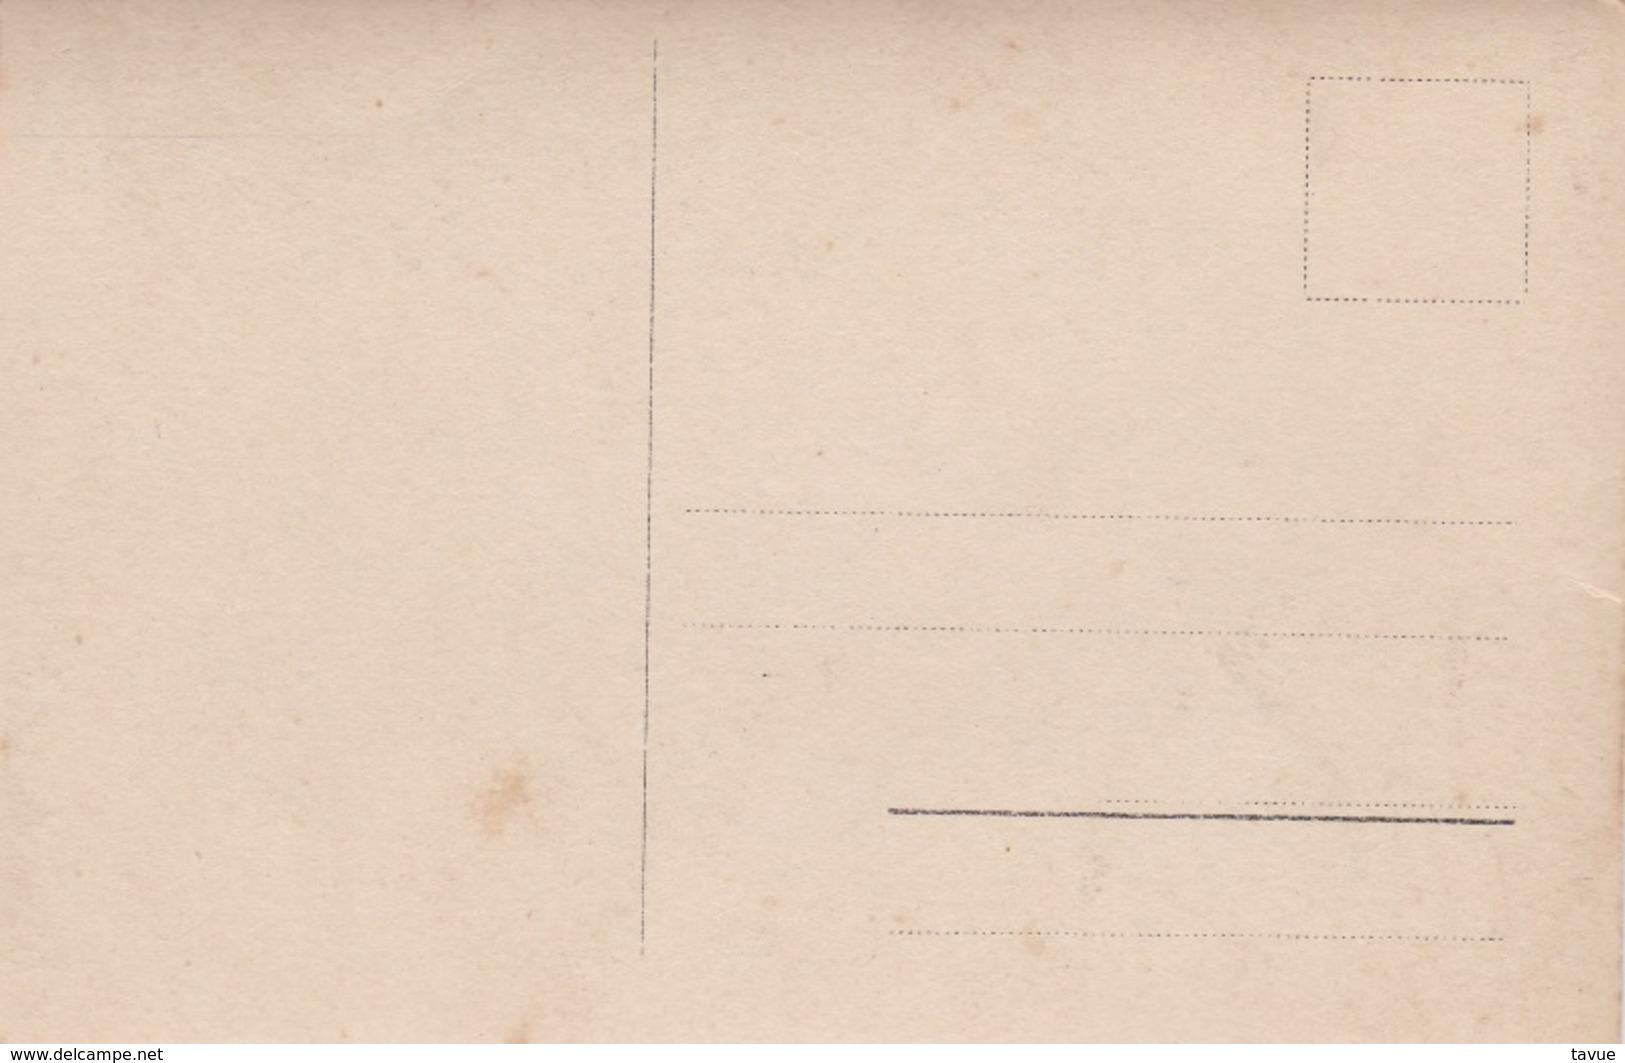 Alte Postkarte Aus Wilhelmshaven -Hulk Leipzig Mit Schlagseite- - Ausrüstung